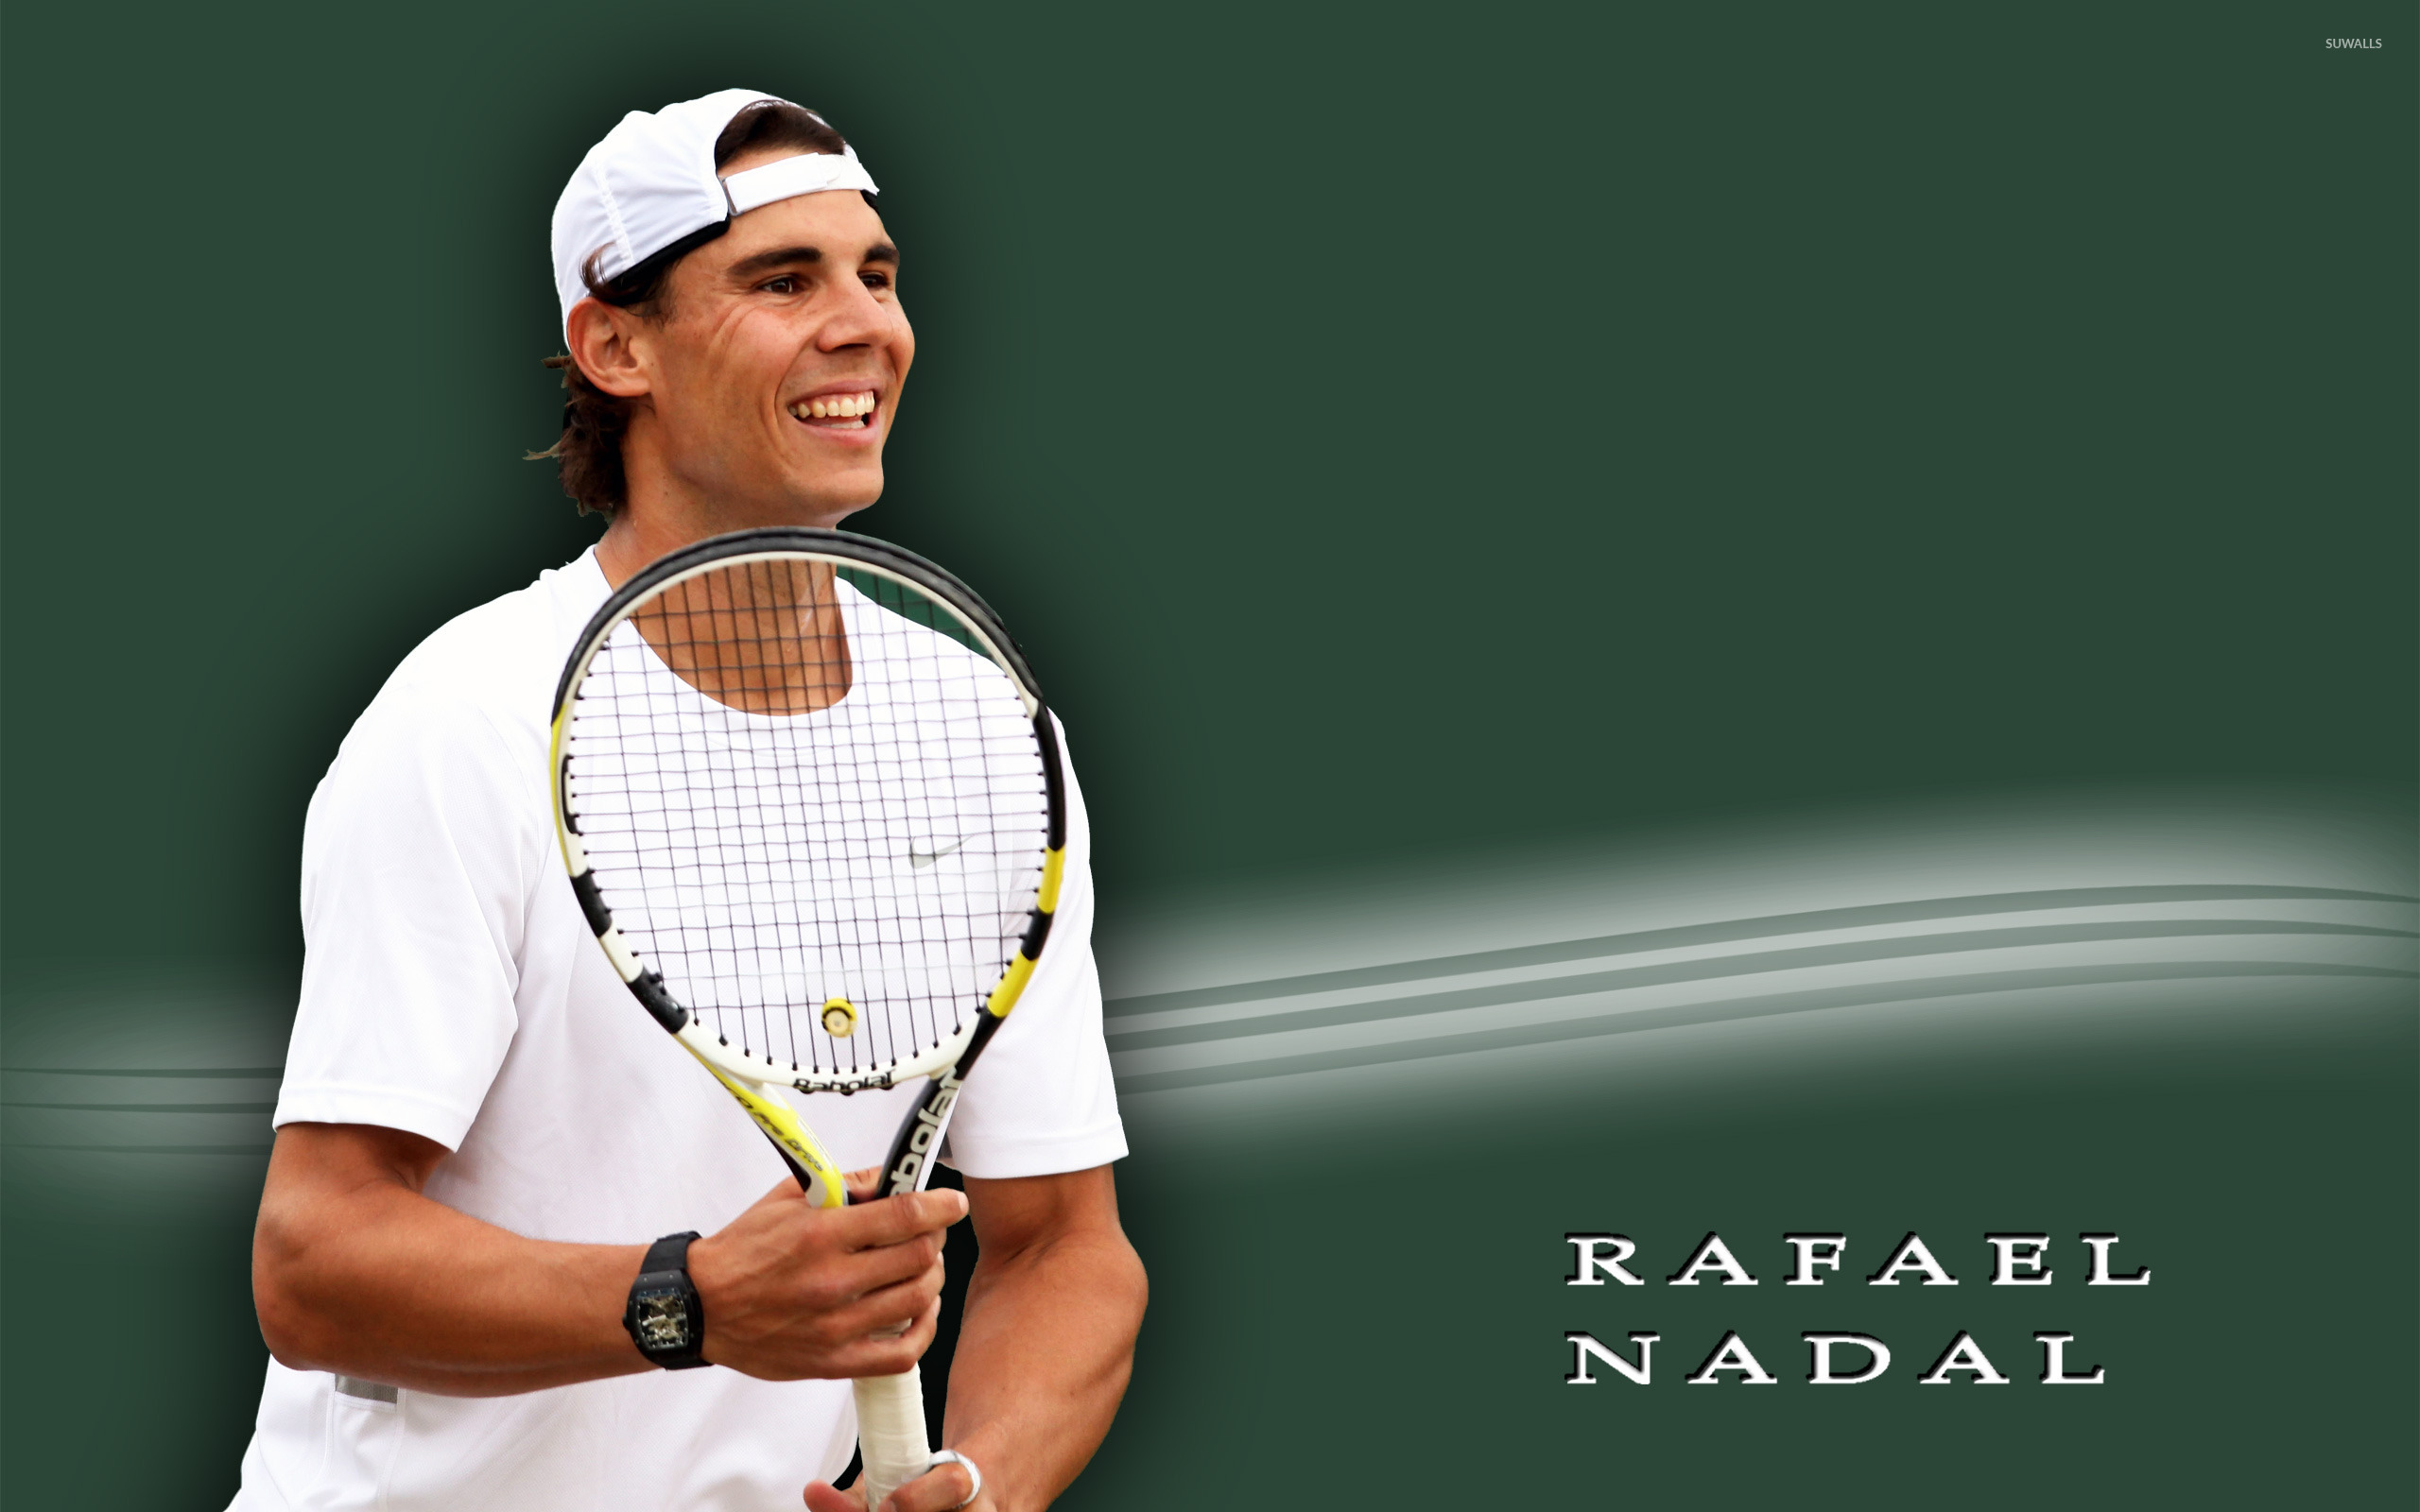 Rafael Nadal 7 Wallpaper Sport Wallpapers 12920